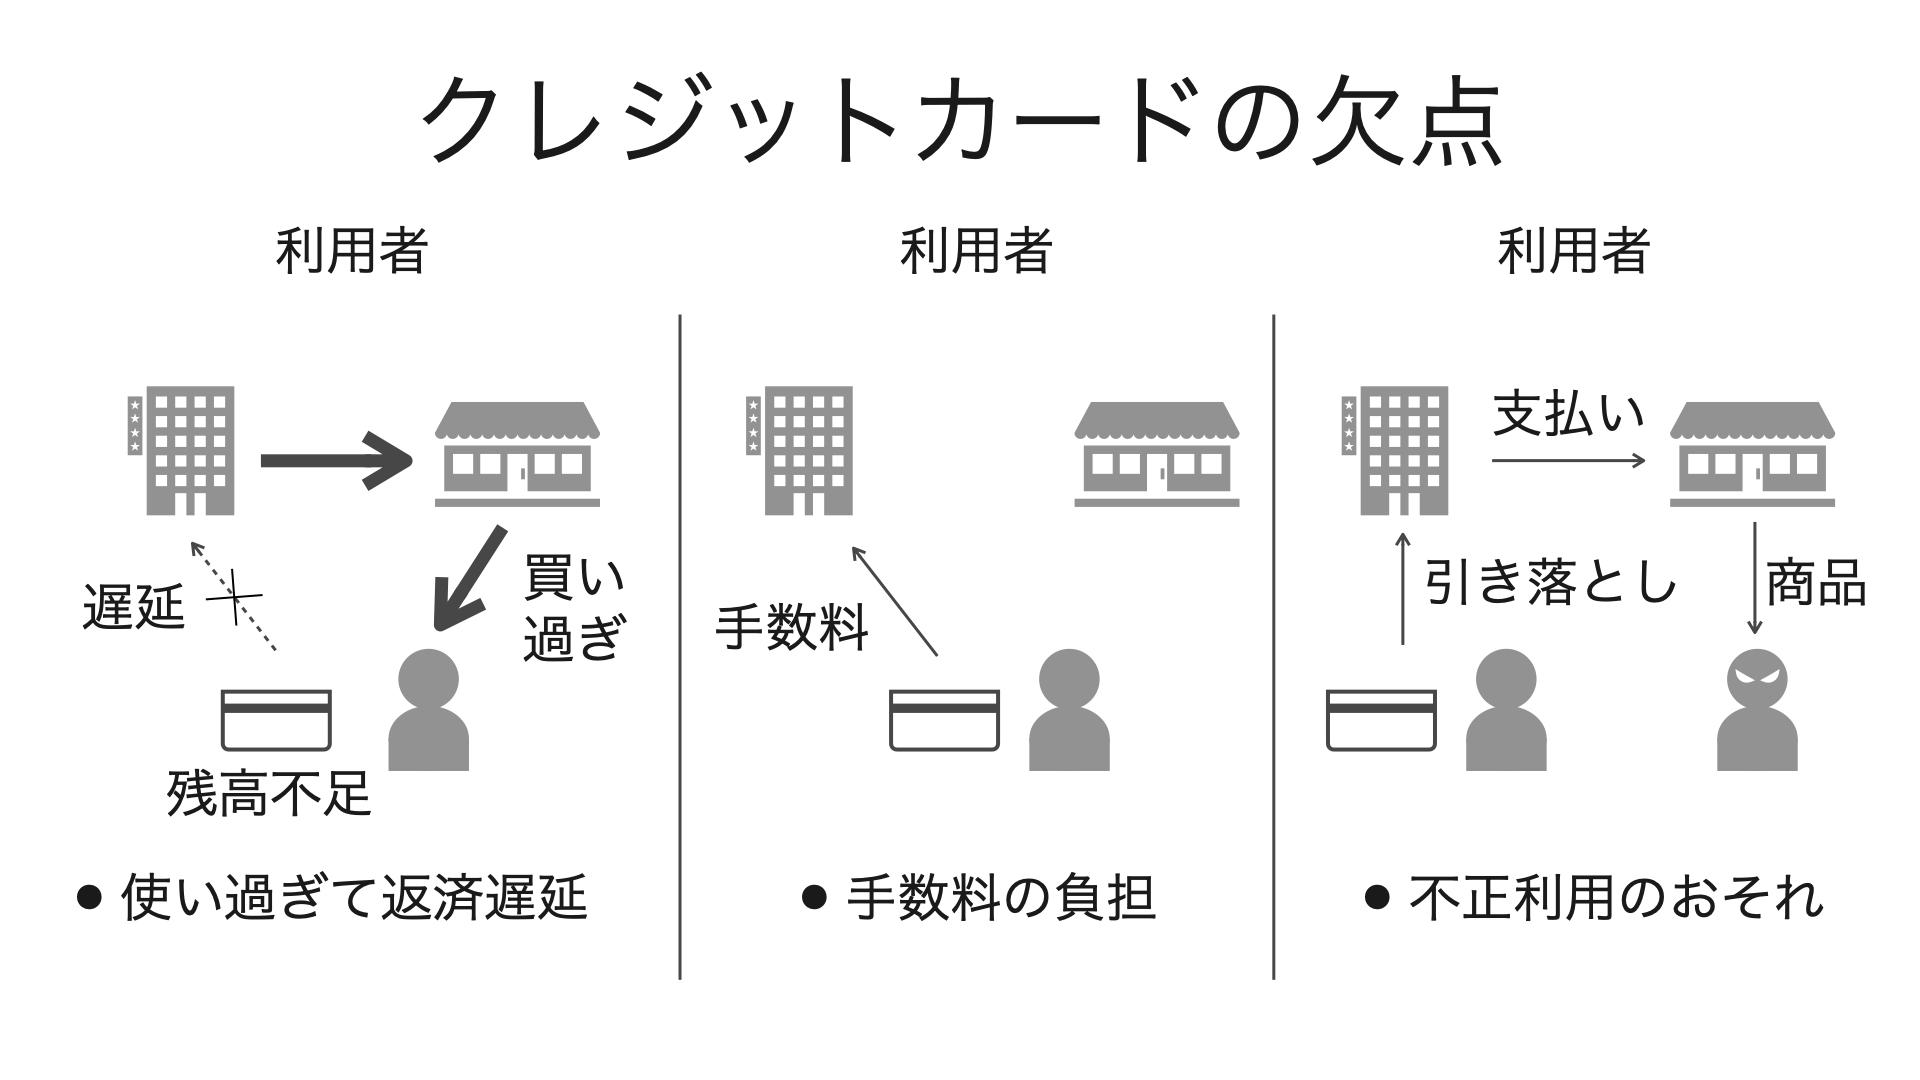 図_クレジットカード004